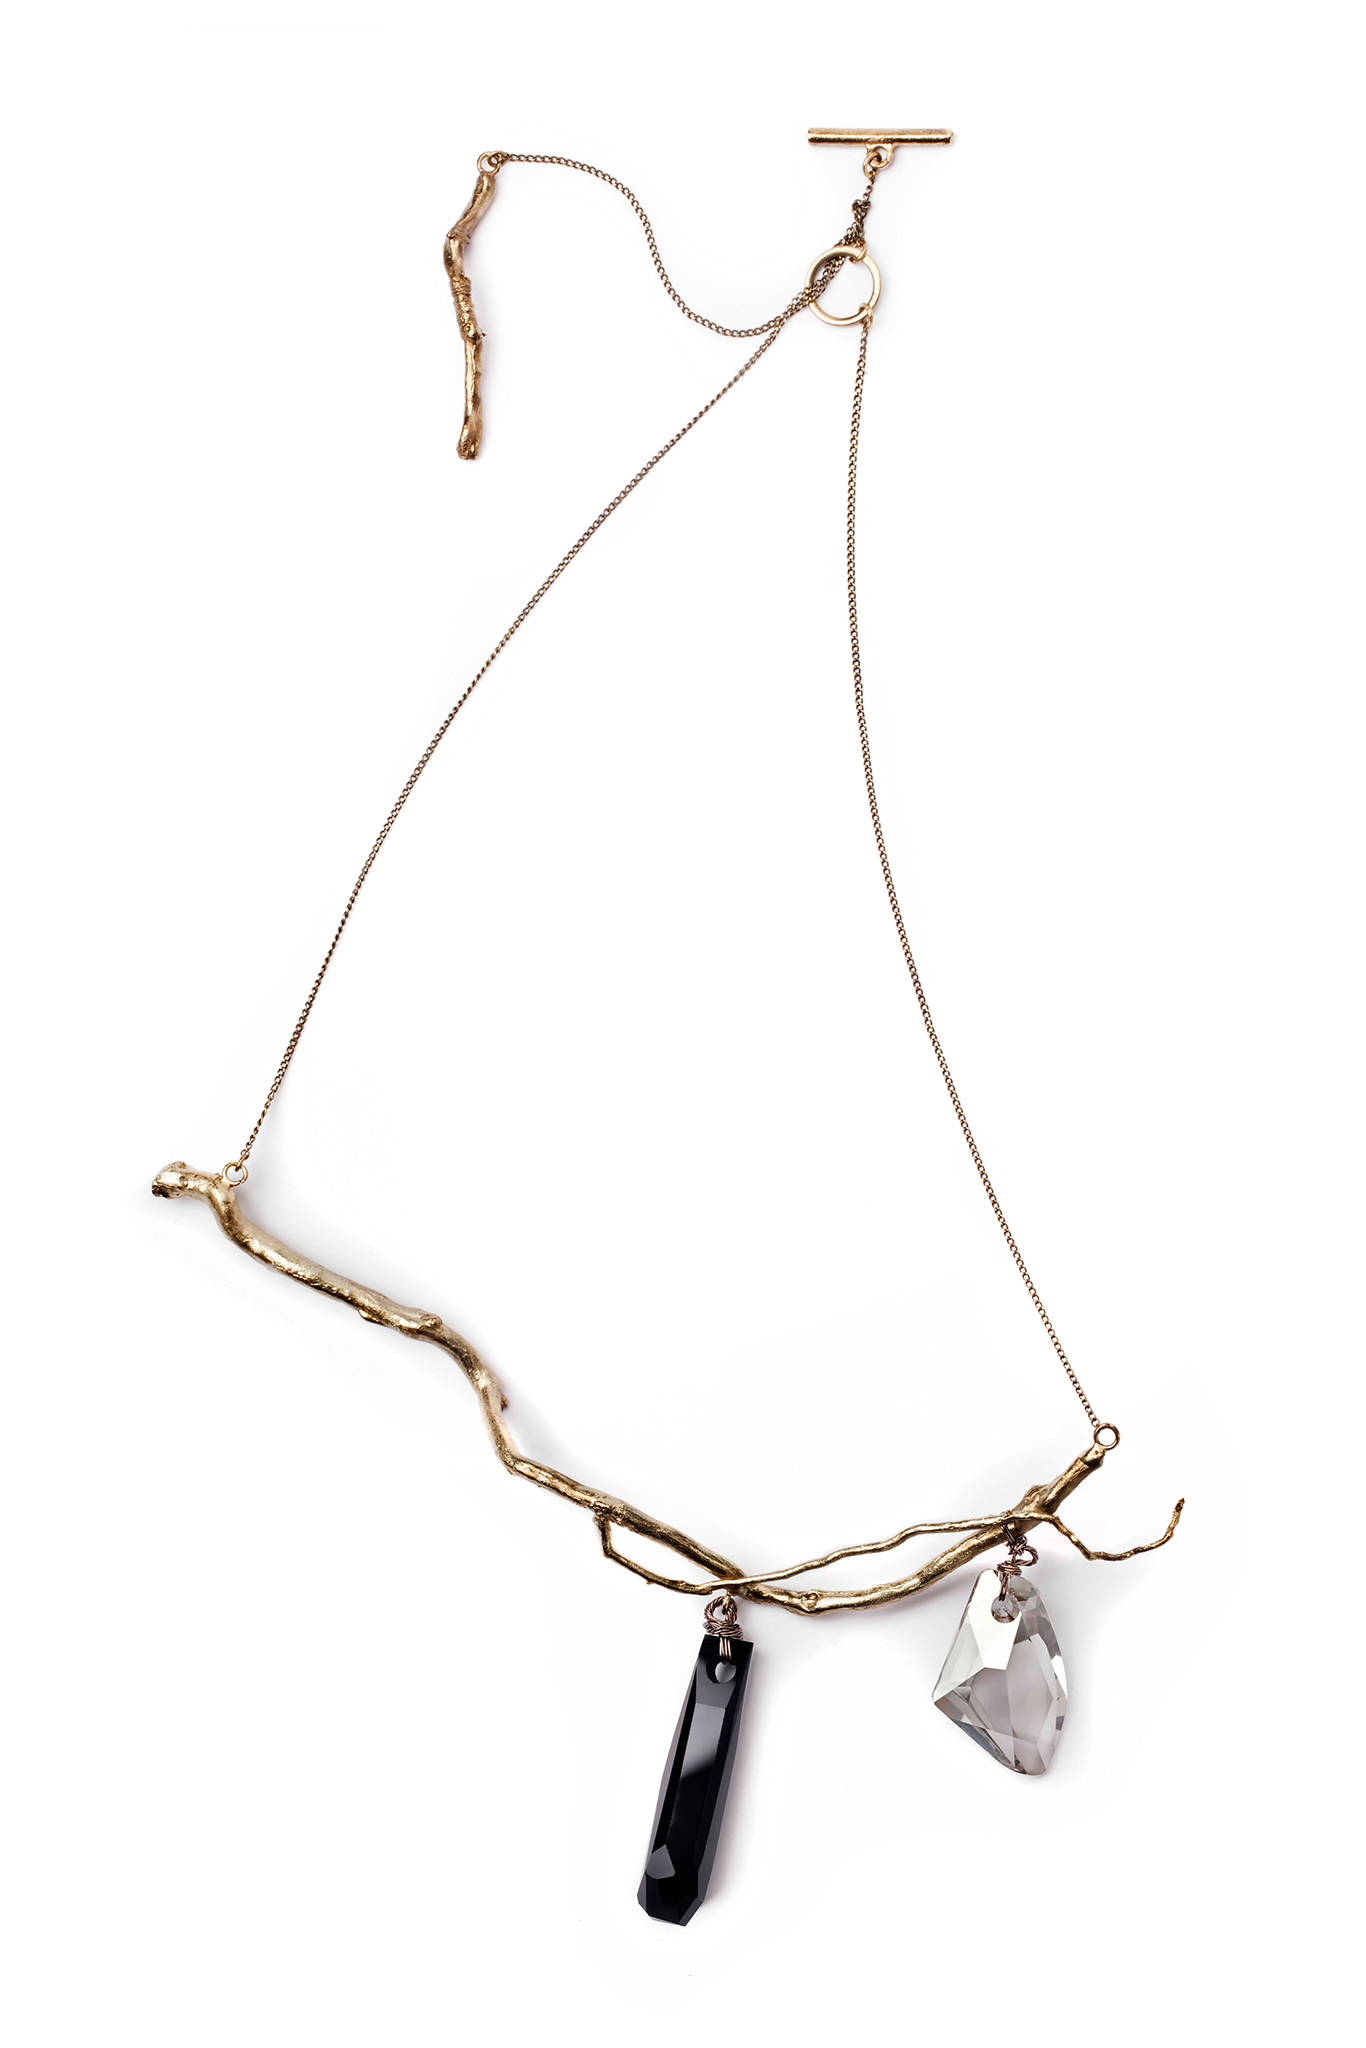 06-06-rock-jewelry.jpg